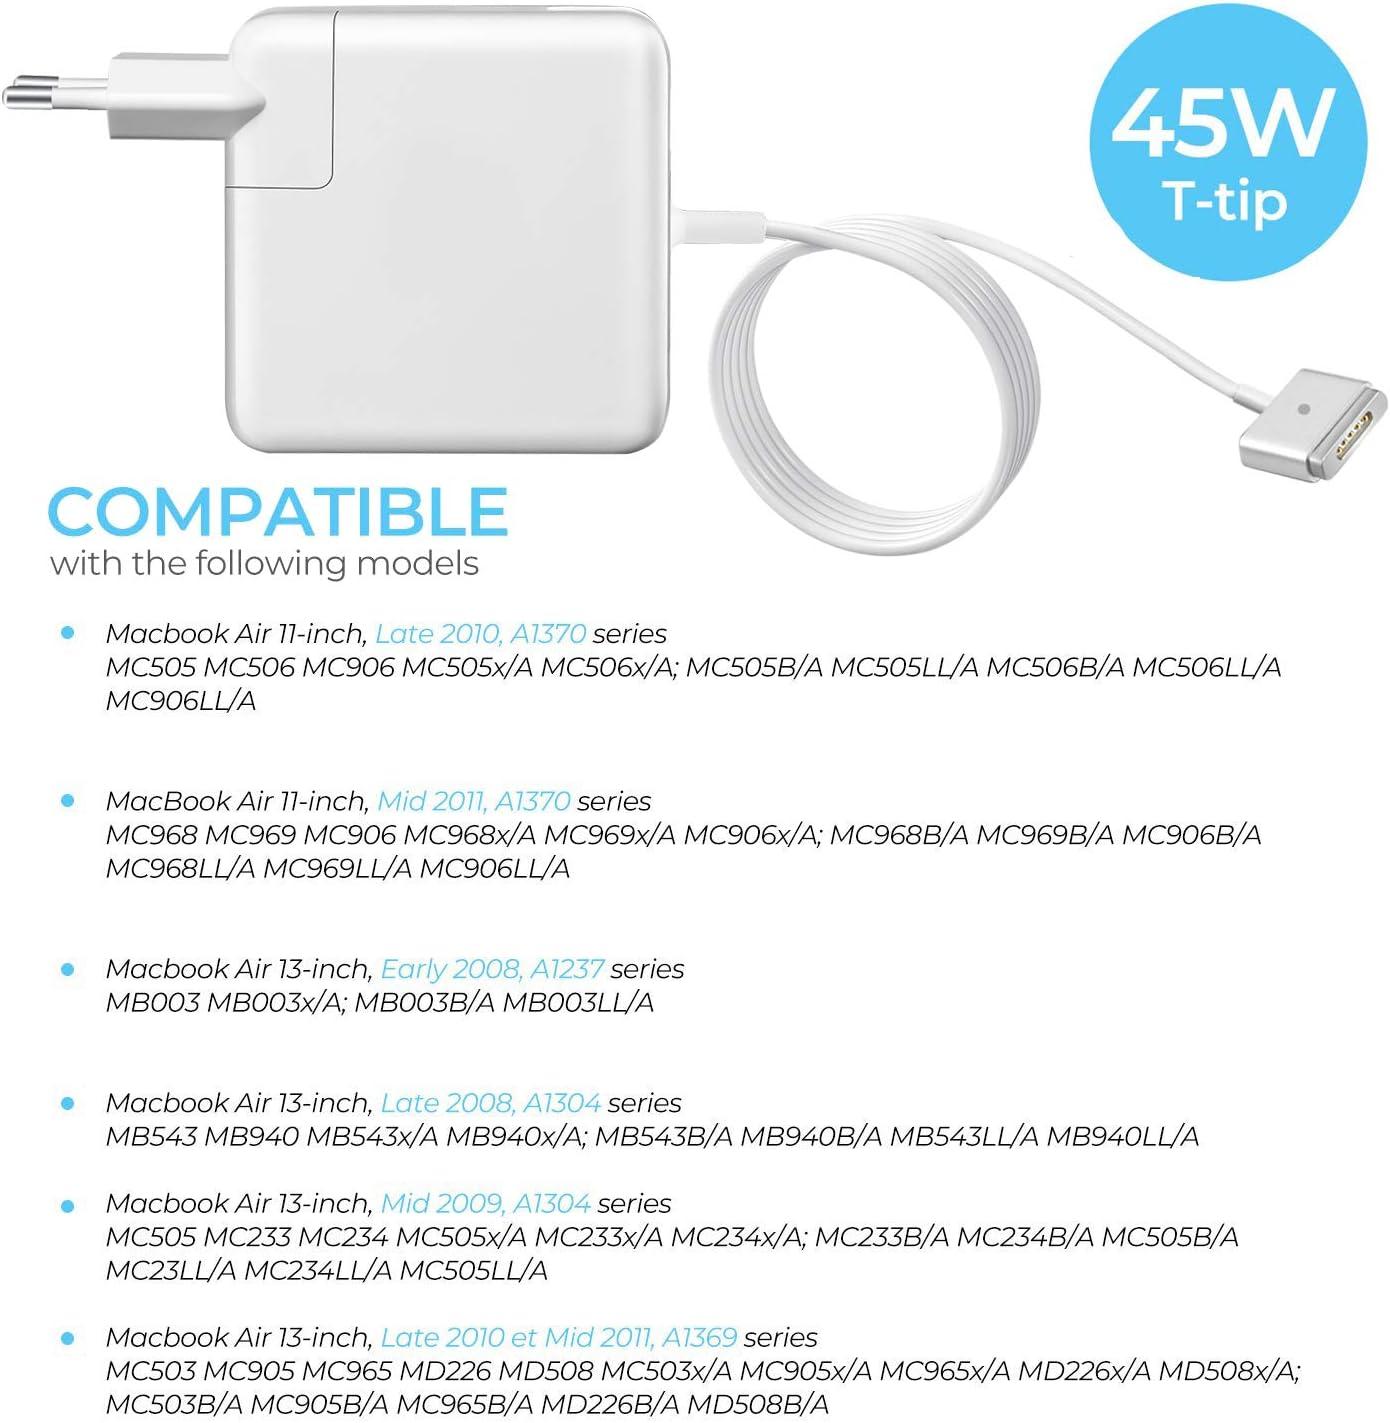 Magsafe 2 Cable de carga para MacBook Air 45 W mediados de 2012 2013 2014 2015 2016 2017 fuente de alimentaci/ón para MacBook Air de 13 pulgadas con forma de T